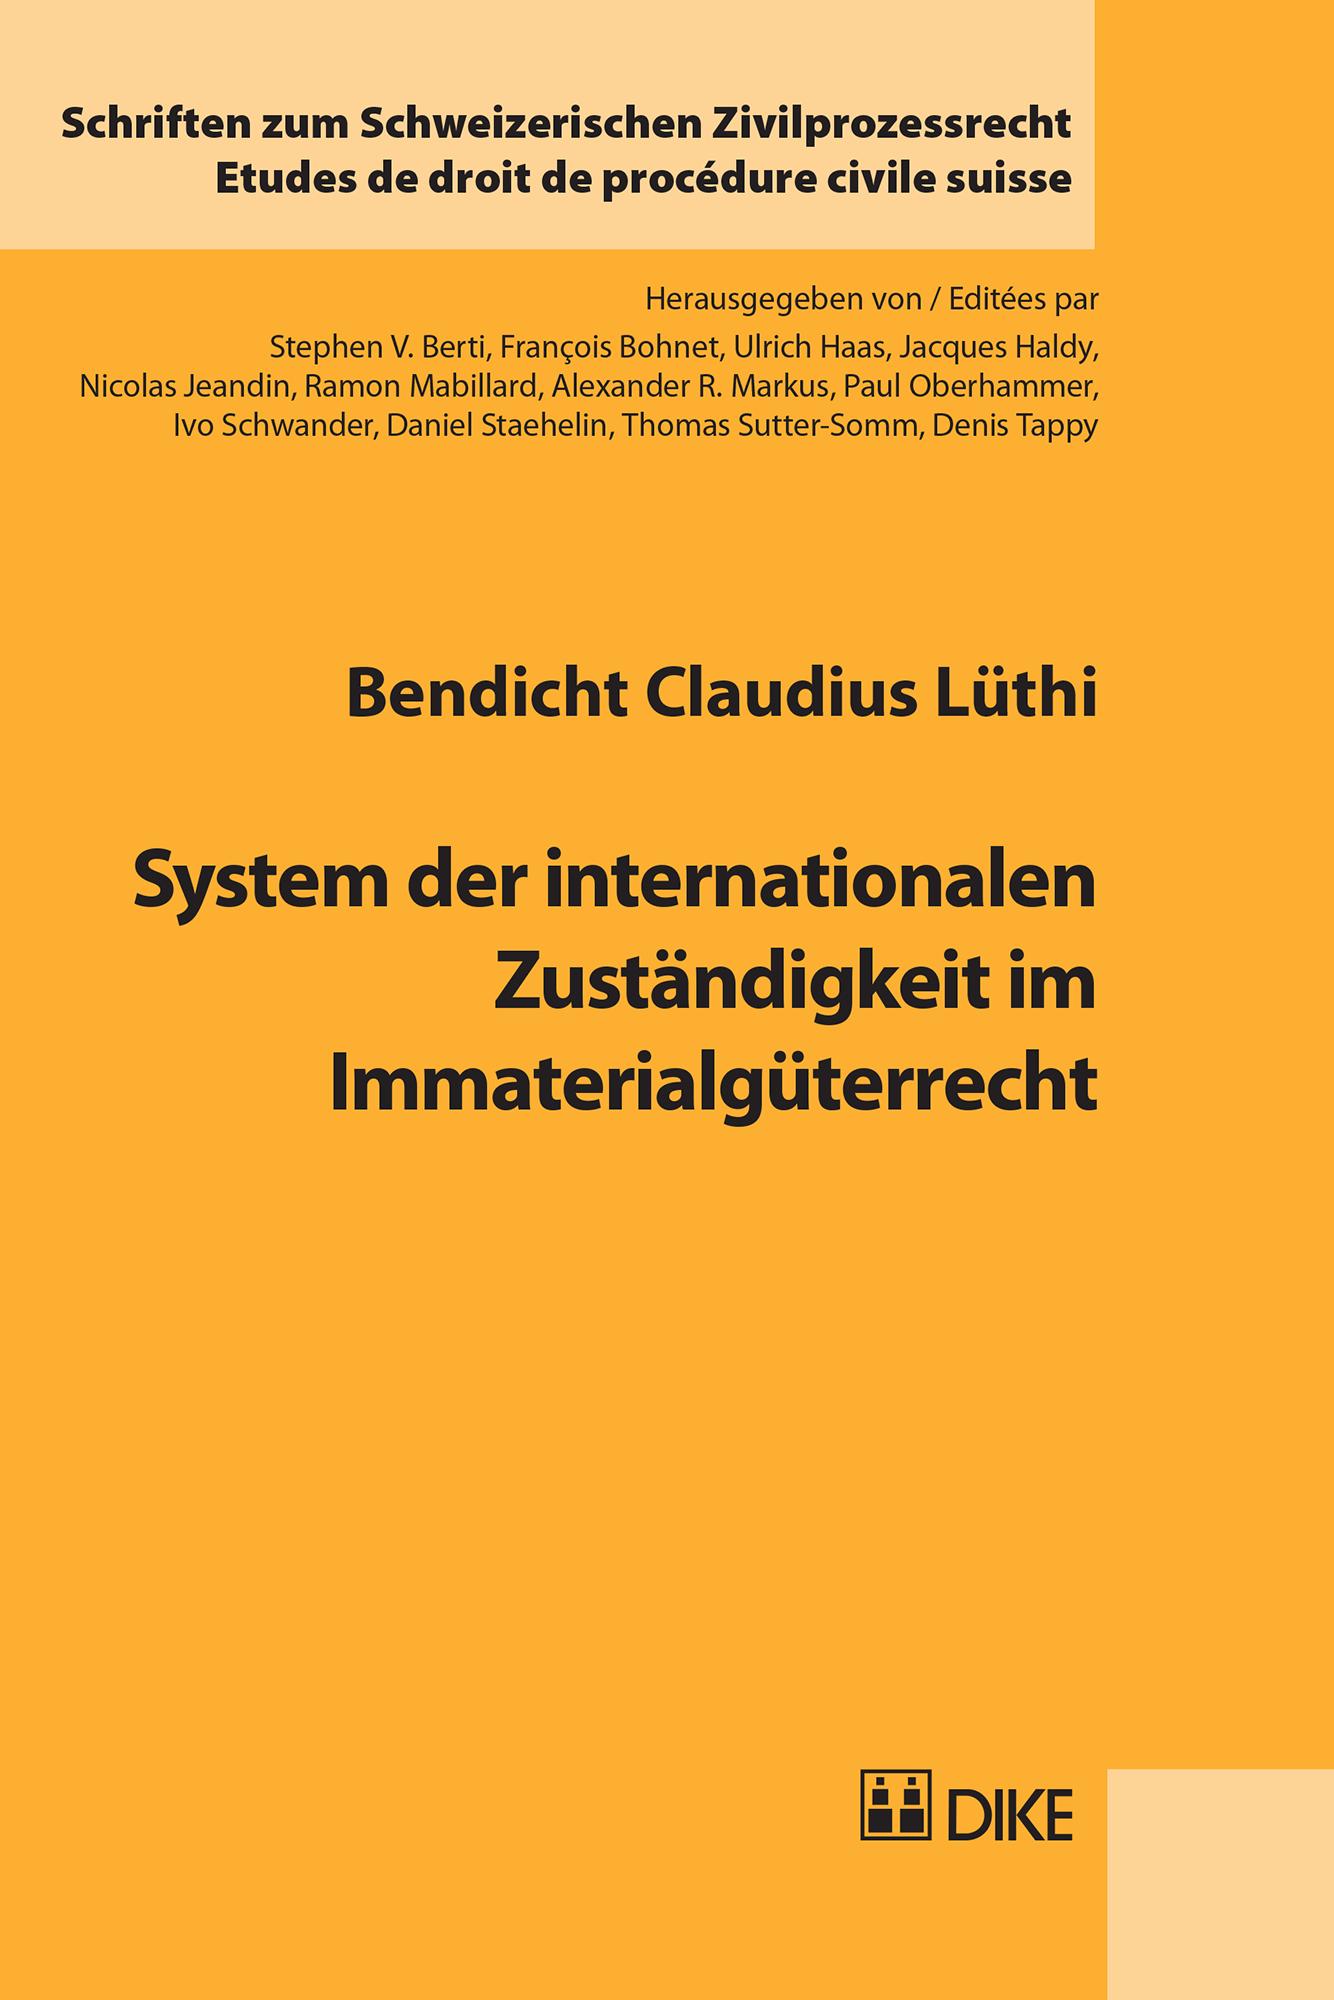 System der internationalen Zuständigkeit im Immaterialgüterrecht